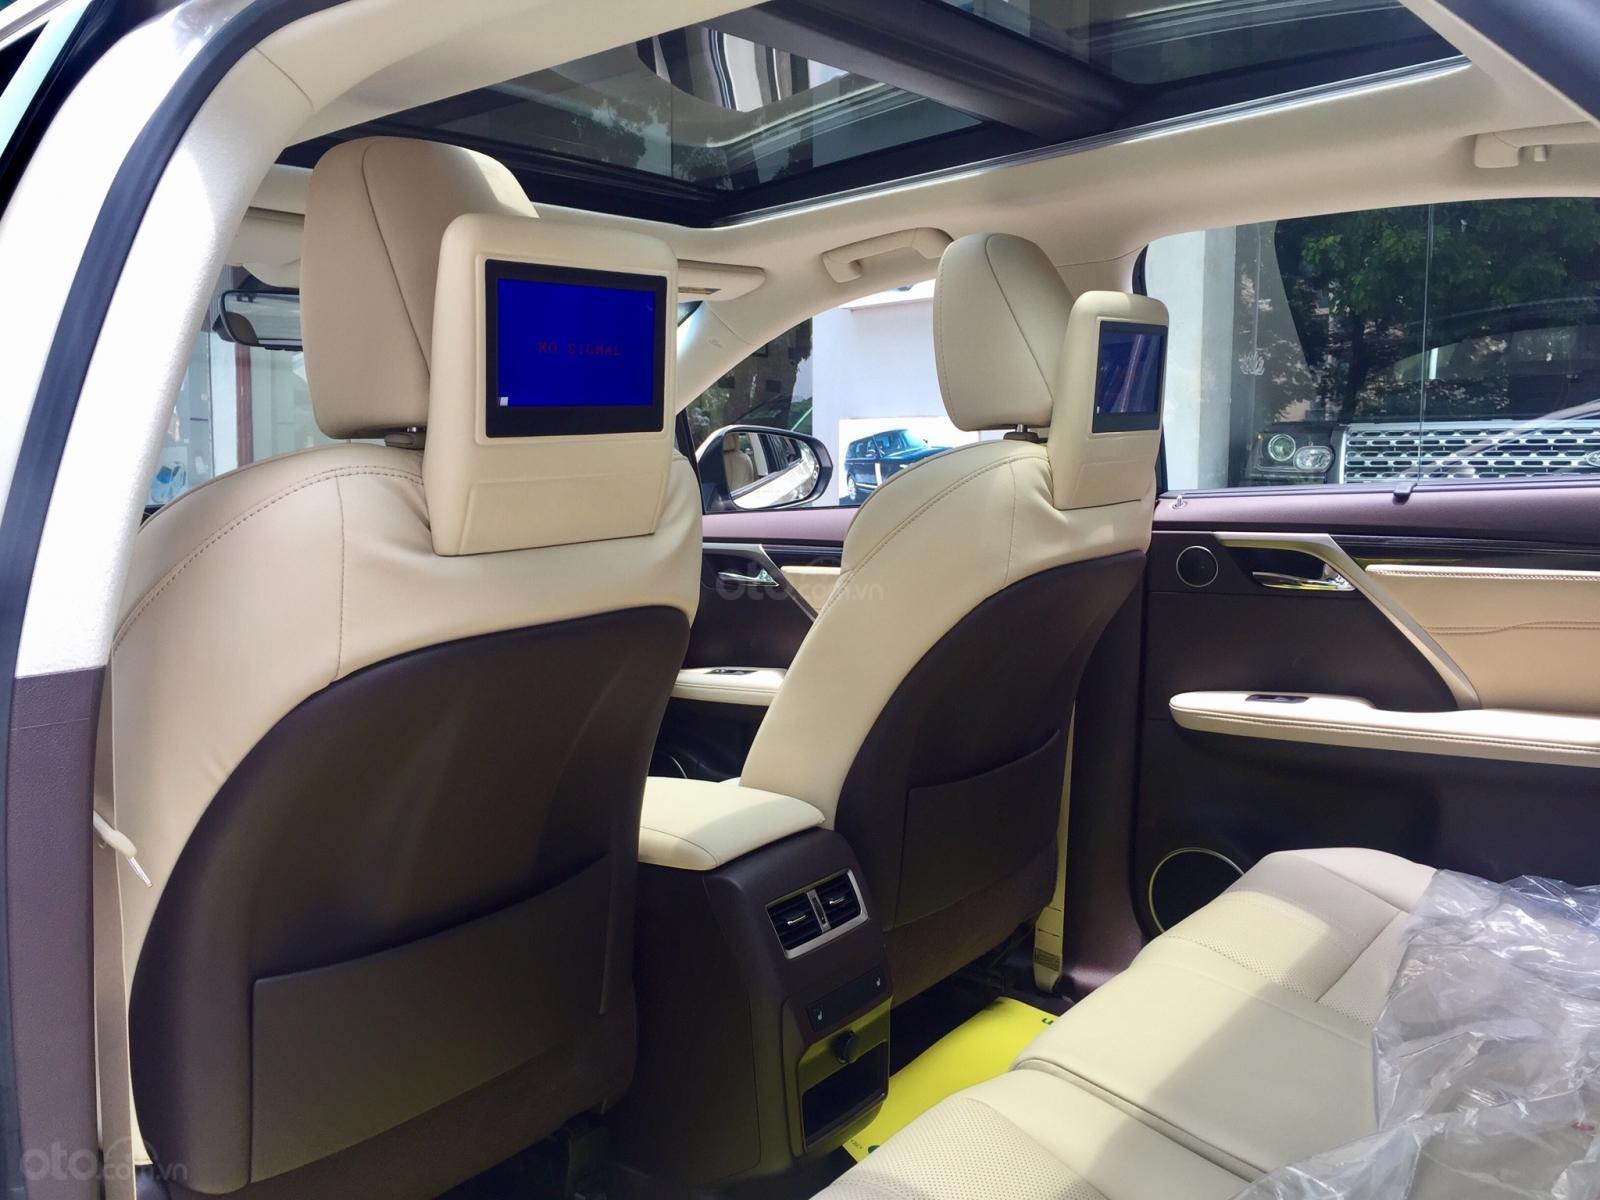 Cần bán xe Lexus RX350 2018 Luxury 05 chỗ mới, nhập Mỹ, full option. Lh 093.798.2266-11